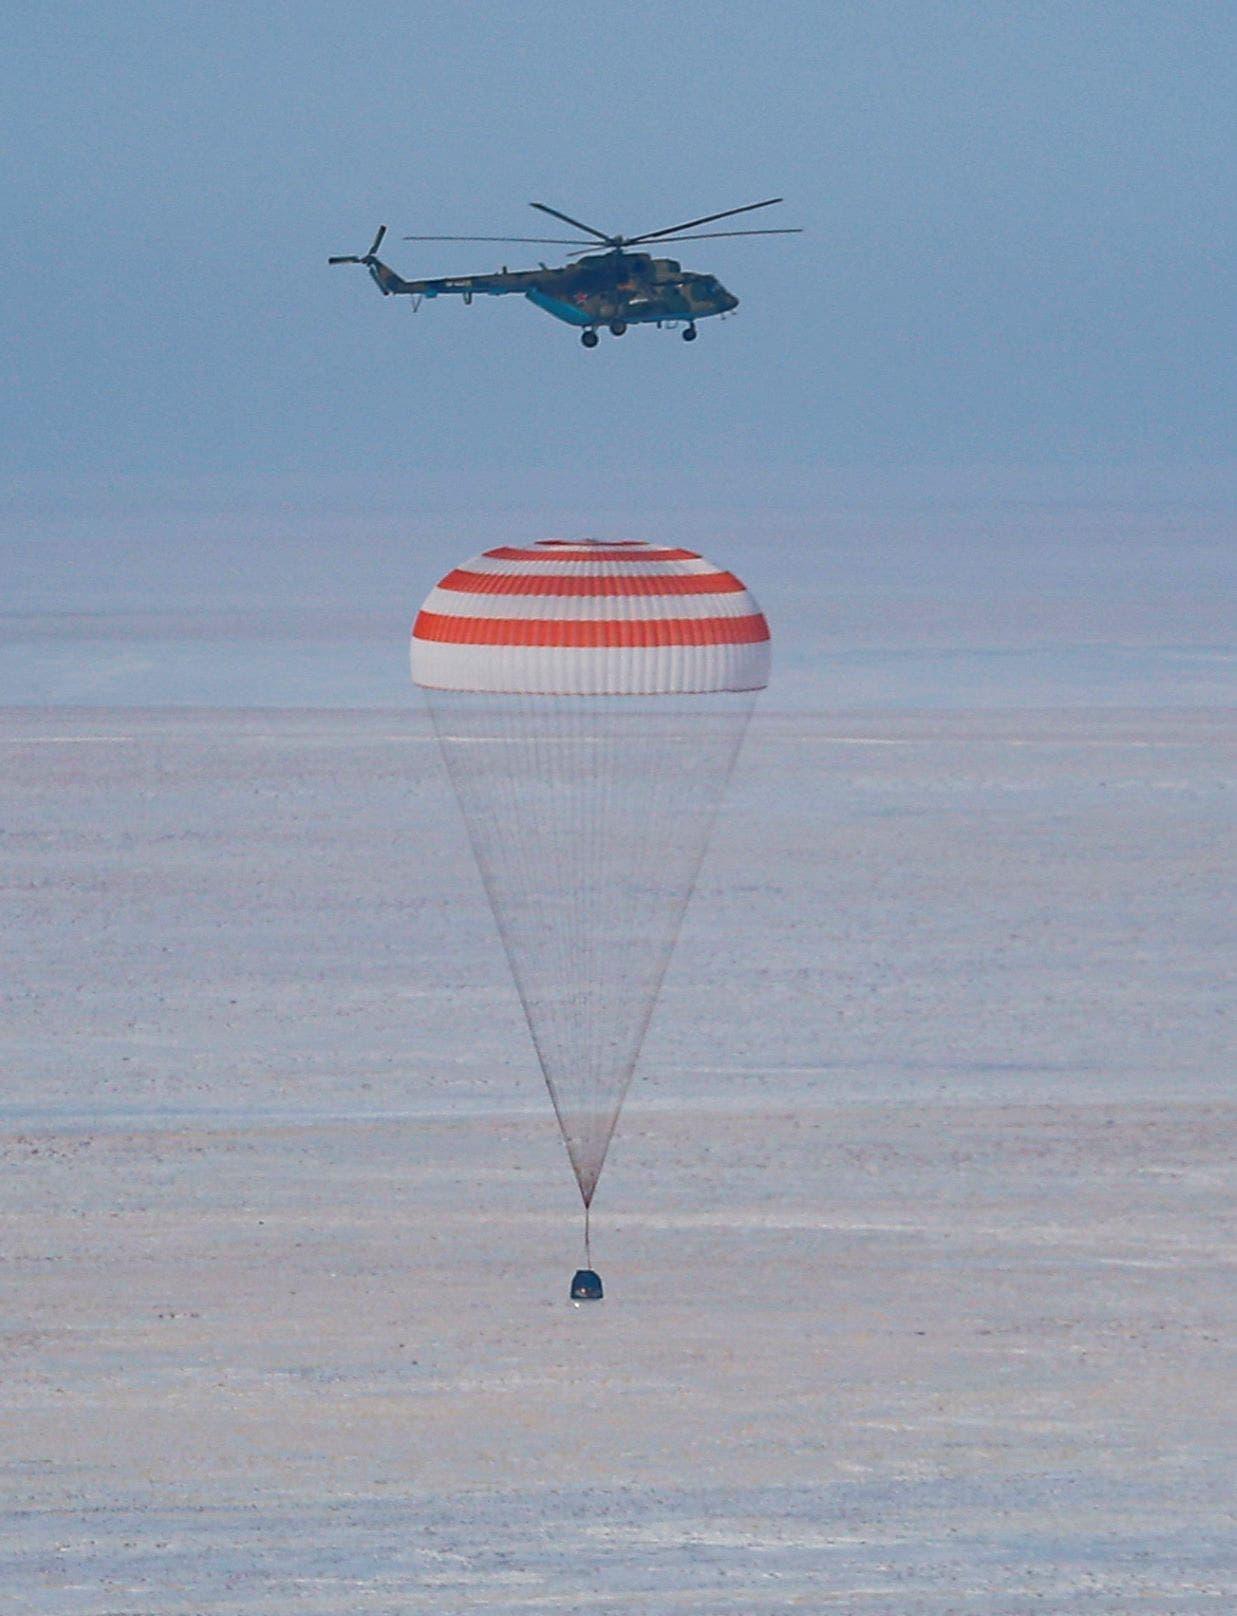 رائد فضاء يعود إلى الأرض (فرانس برس)